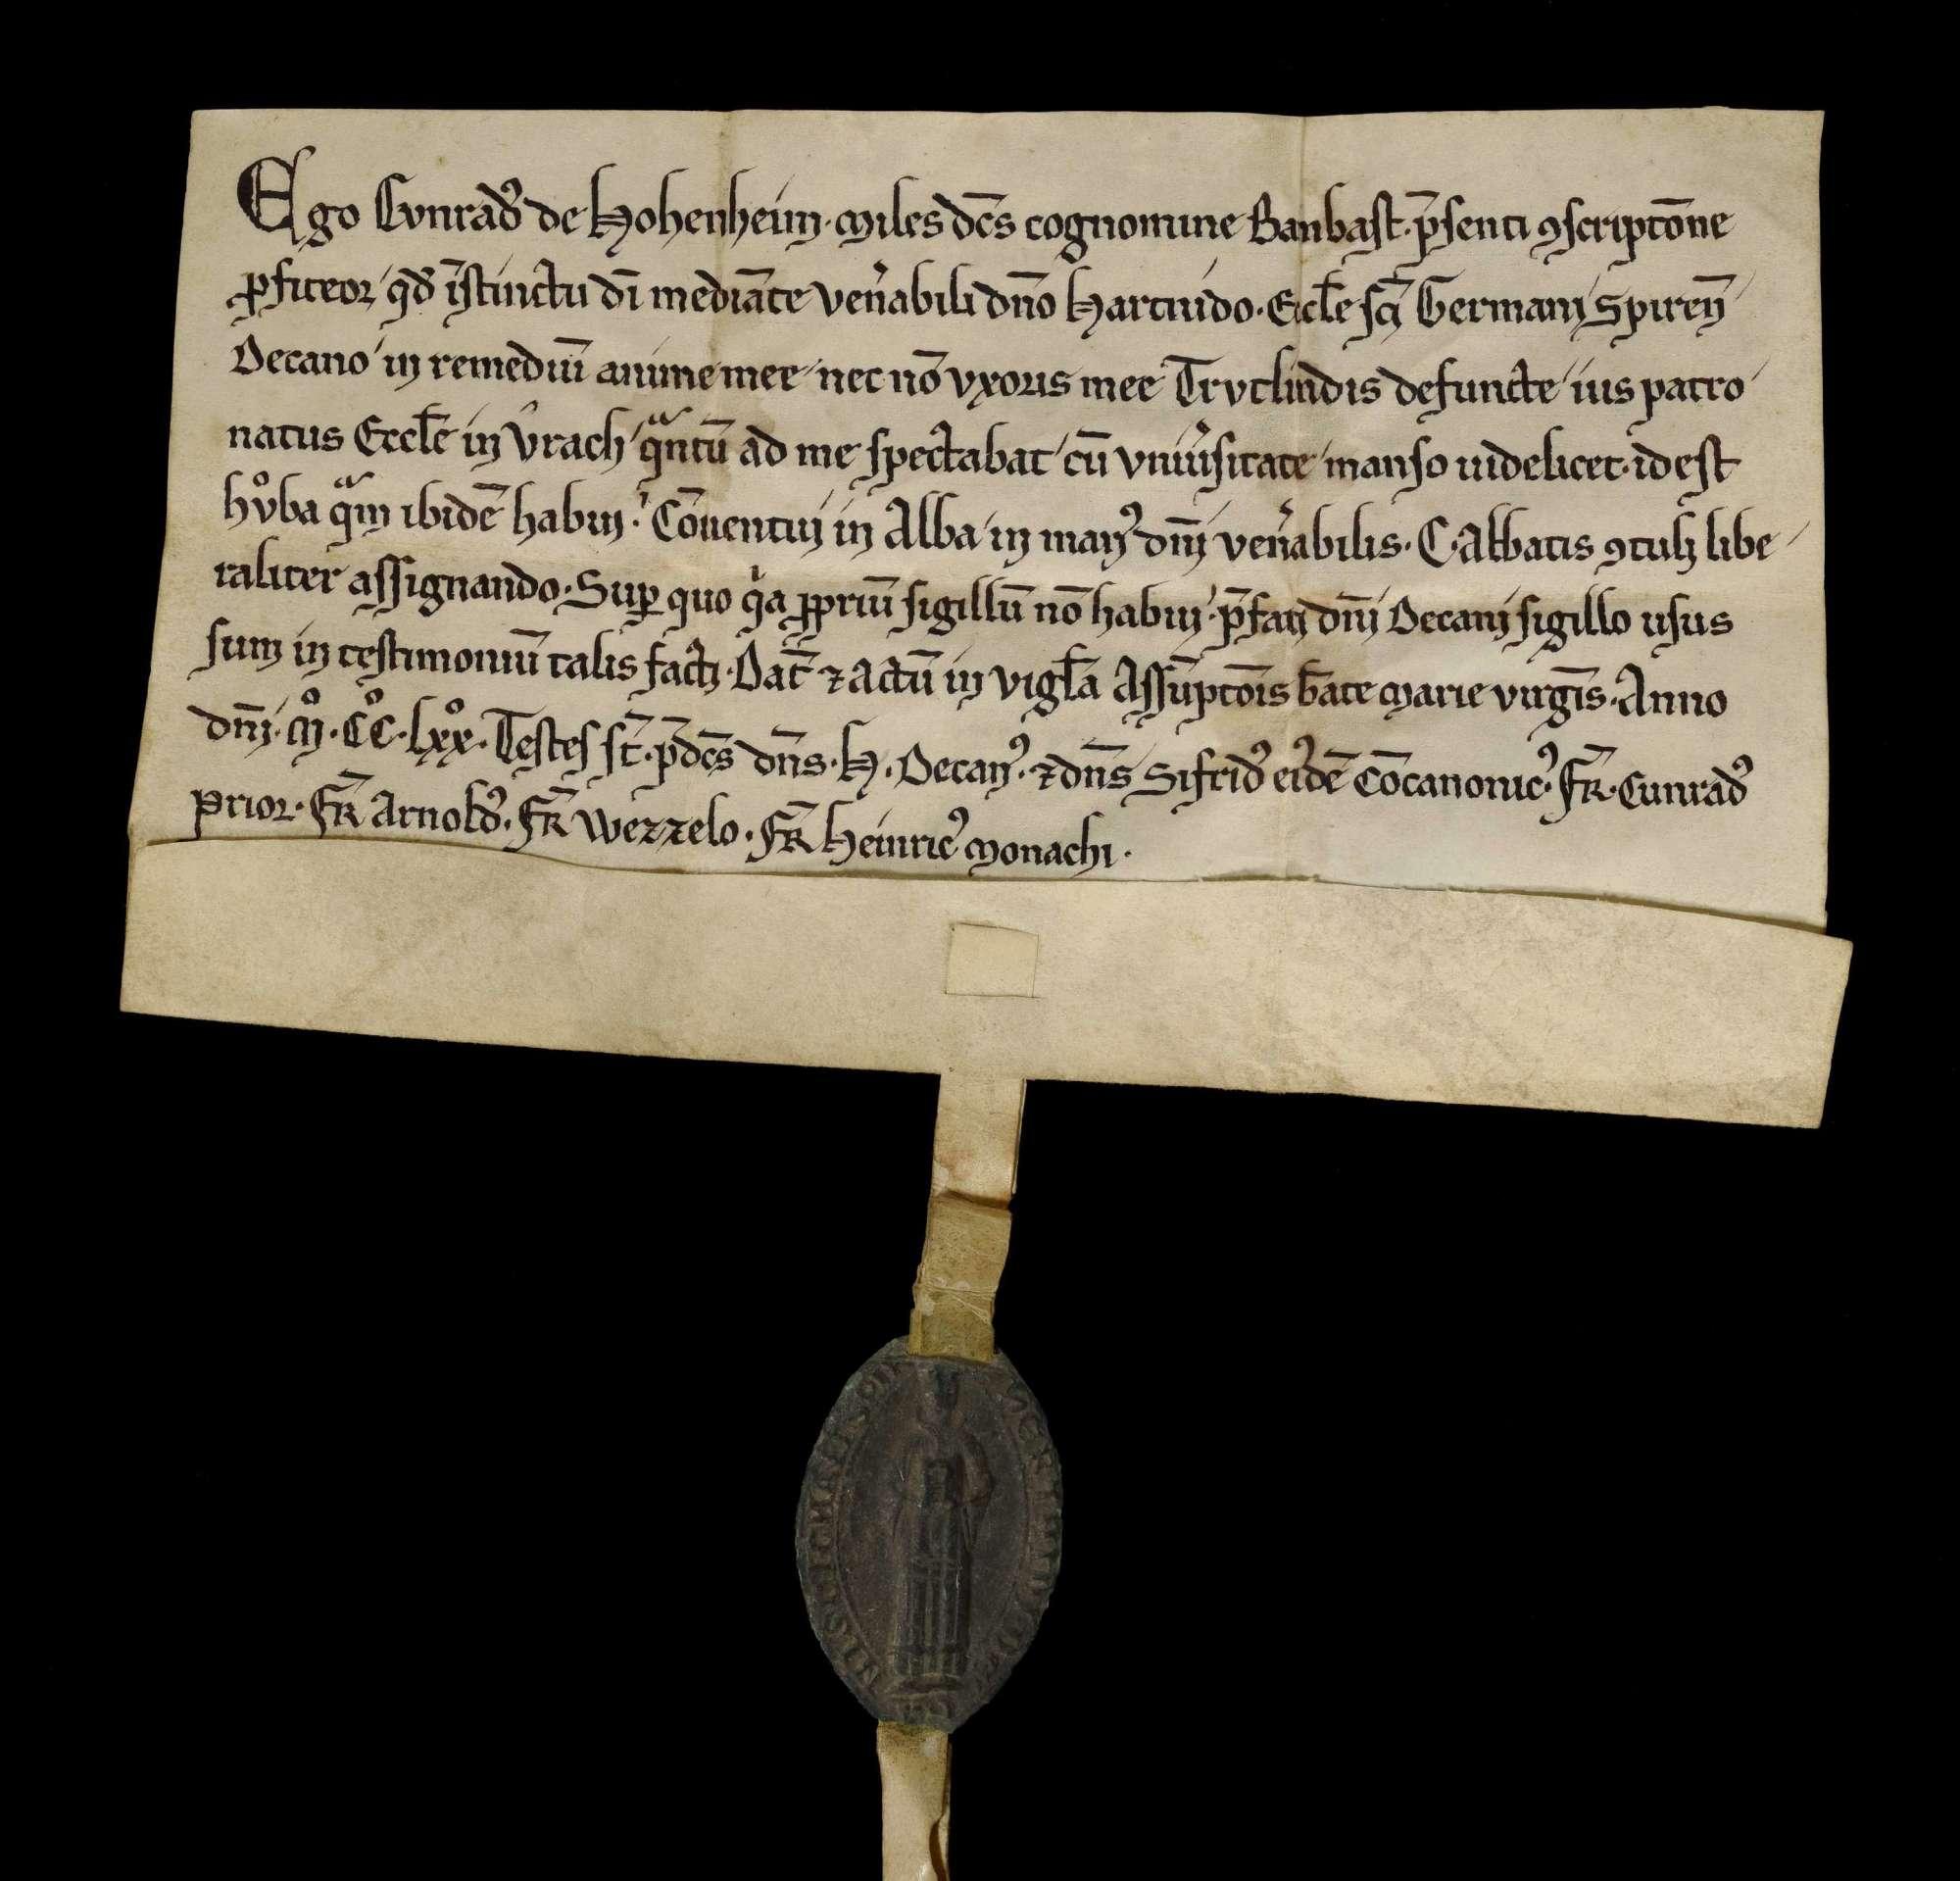 Ritter Konrad von Hohenheim genannt Bombast schenkt um seines und seiner verstorbenen Gattin Trutlinde Seelenheils willen das Patronatrecht der Kirche in Aurich und eine Hube daselbst an Abt Konrad und Konvent von Herrenalb., r